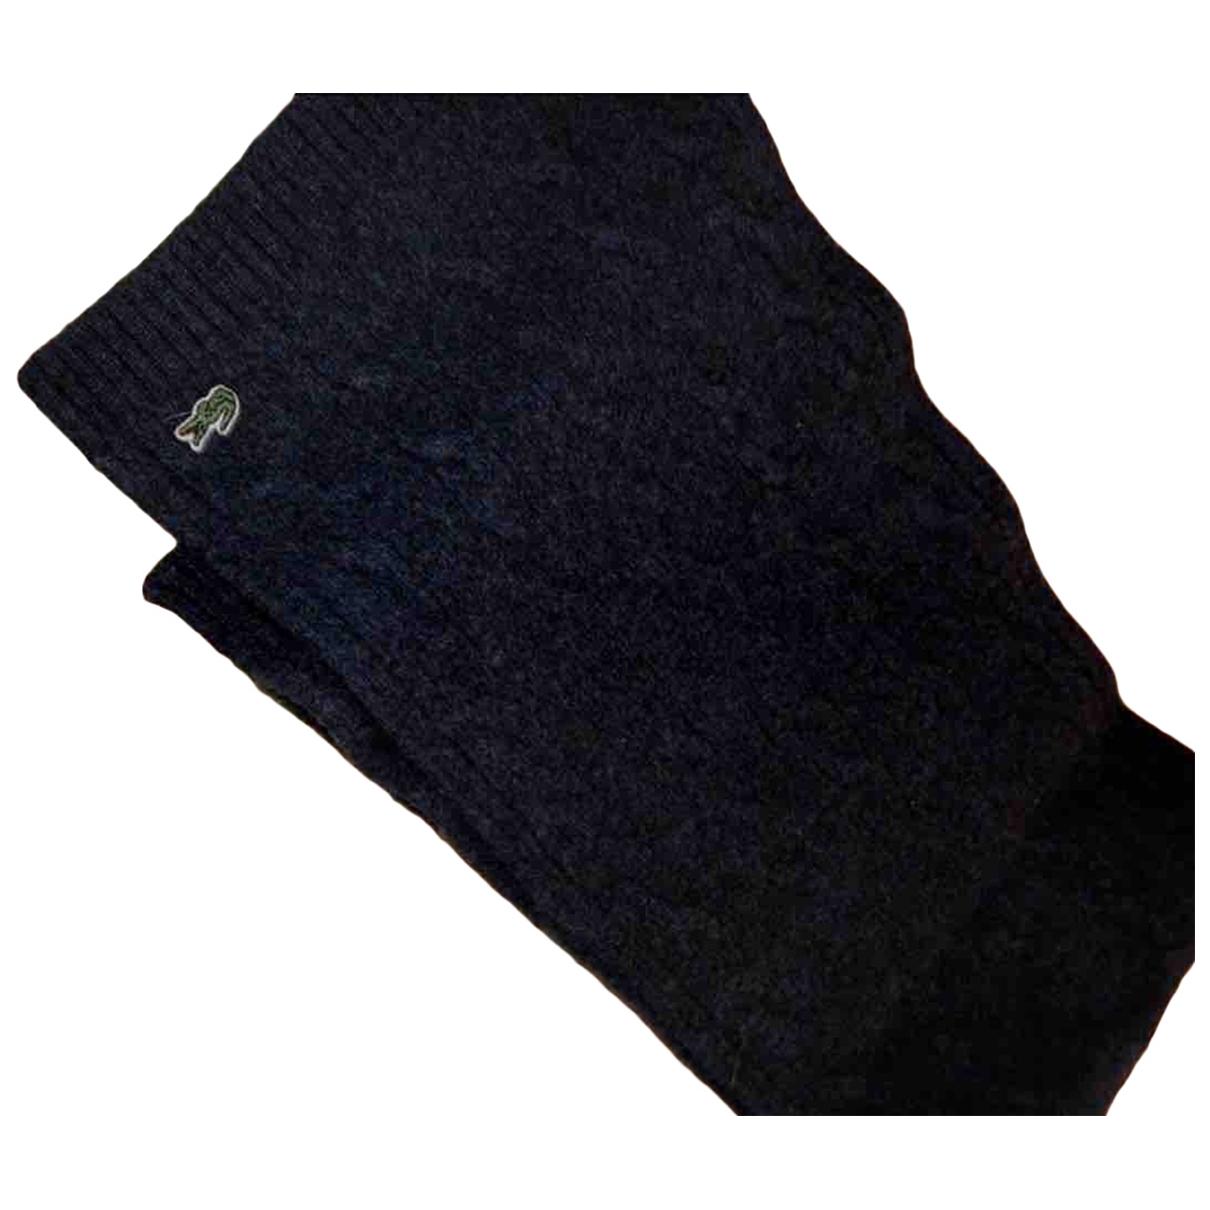 Lacoste - Cheches.Echarpes   pour homme en laine - gris